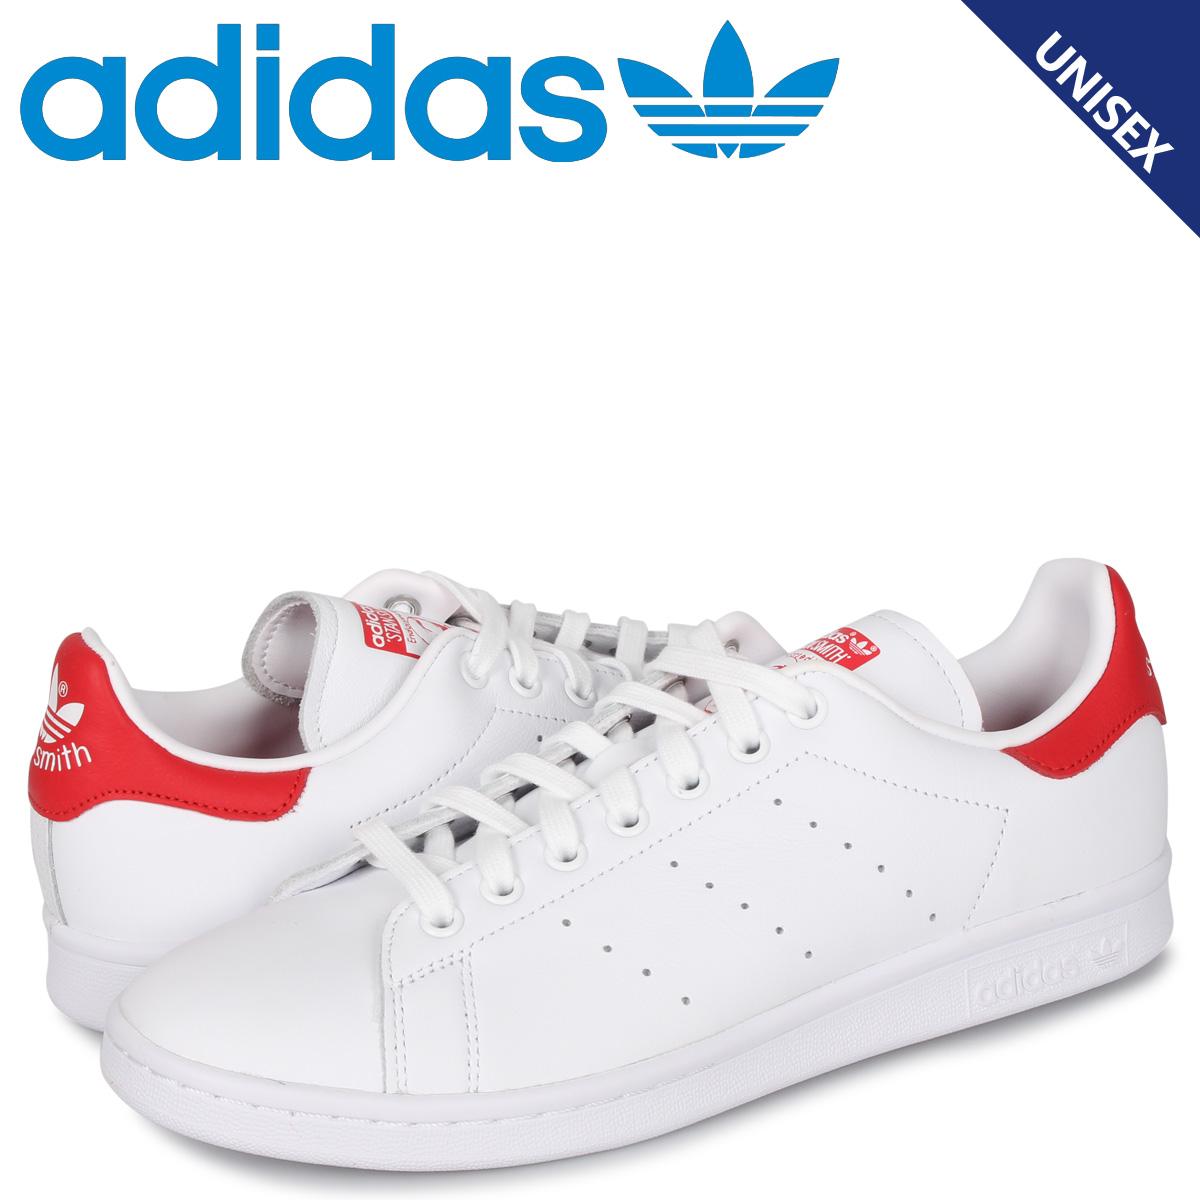 アディダス オリジナルス adidas Originals スタンスミス スニーカー メンズ レディース STANSMITH ホワイト 白 EF4334